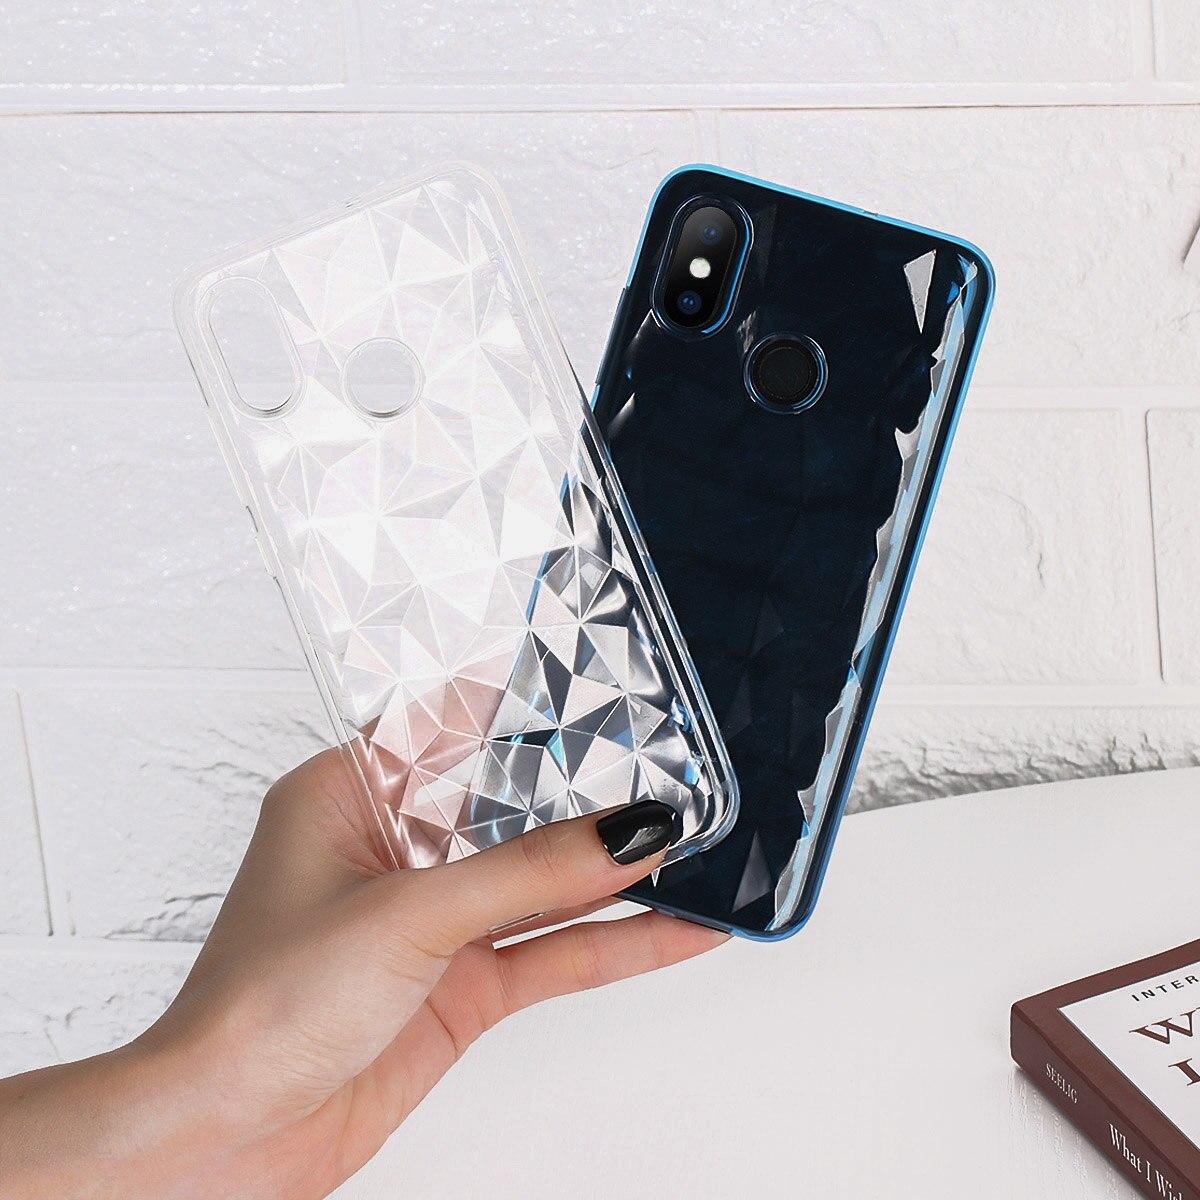 3D Diamond Transparen Soft Silicone Case Cover For Xiaomi Mi Max 3 Mix 2S A1 A2 Lite Pocophone F1 Redmi 6 6A Note 5 Pro S2 4A 4X